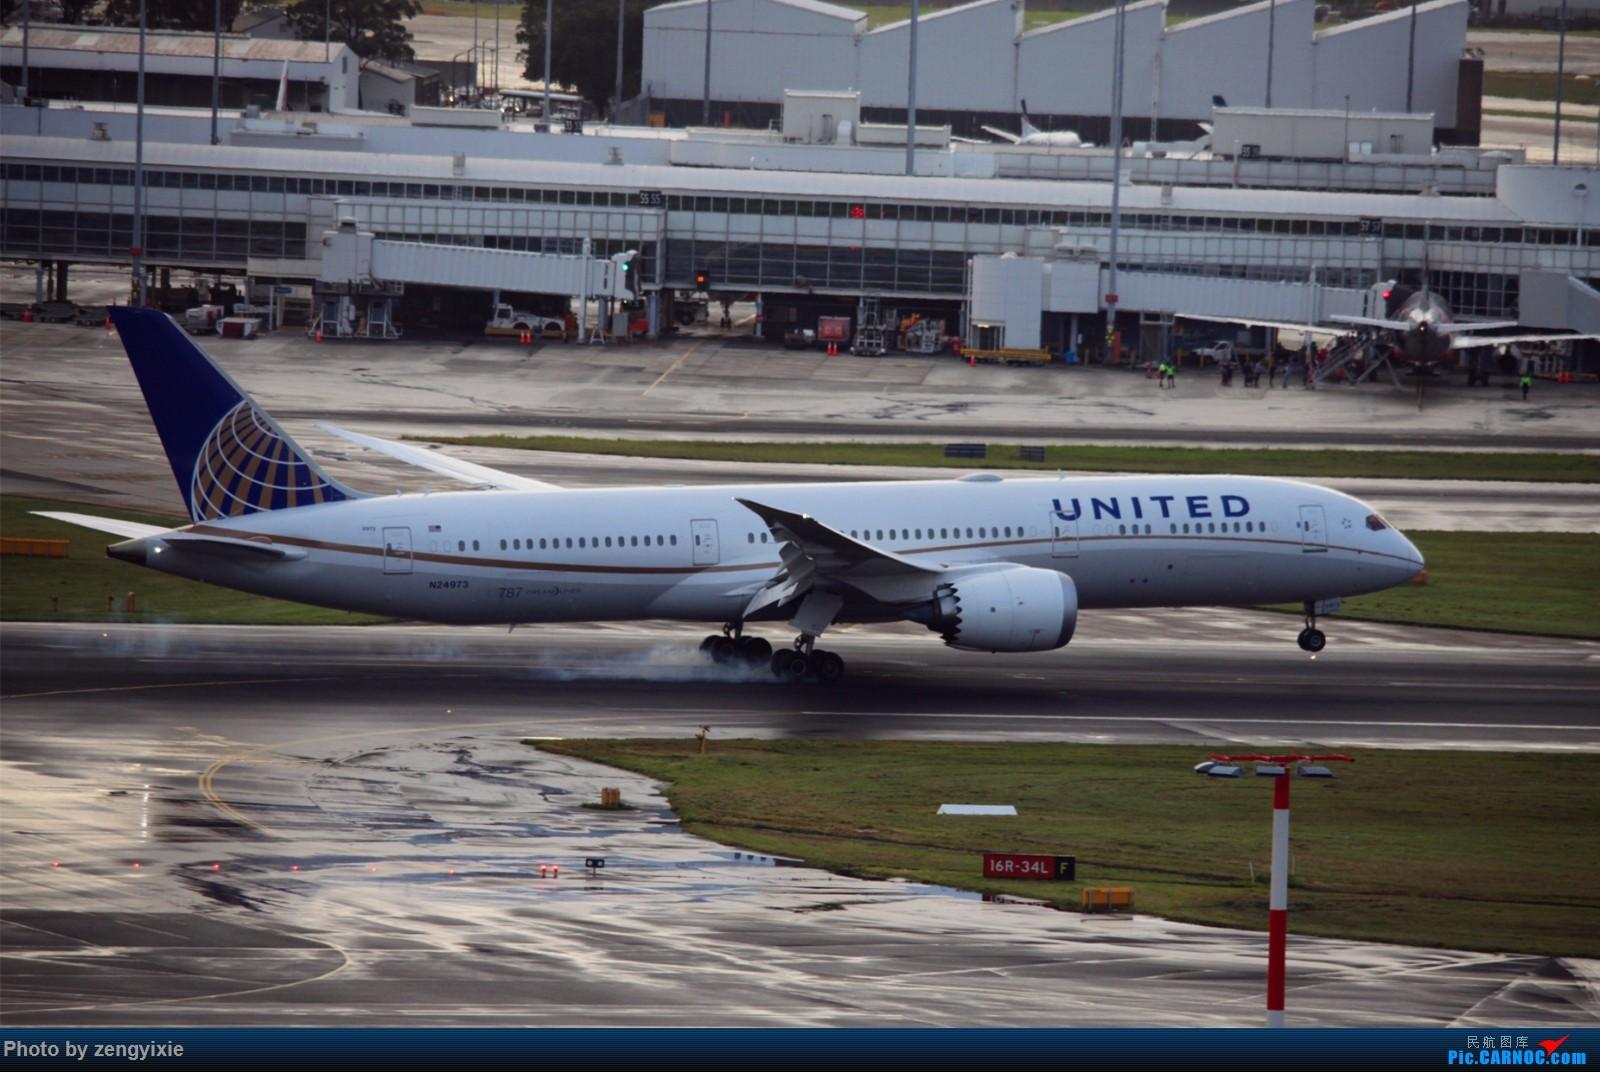 Re:[原创]清晨的悉尼国际降落狂潮 BOEING 787 N24973 泰国曼谷素万那普国际机场